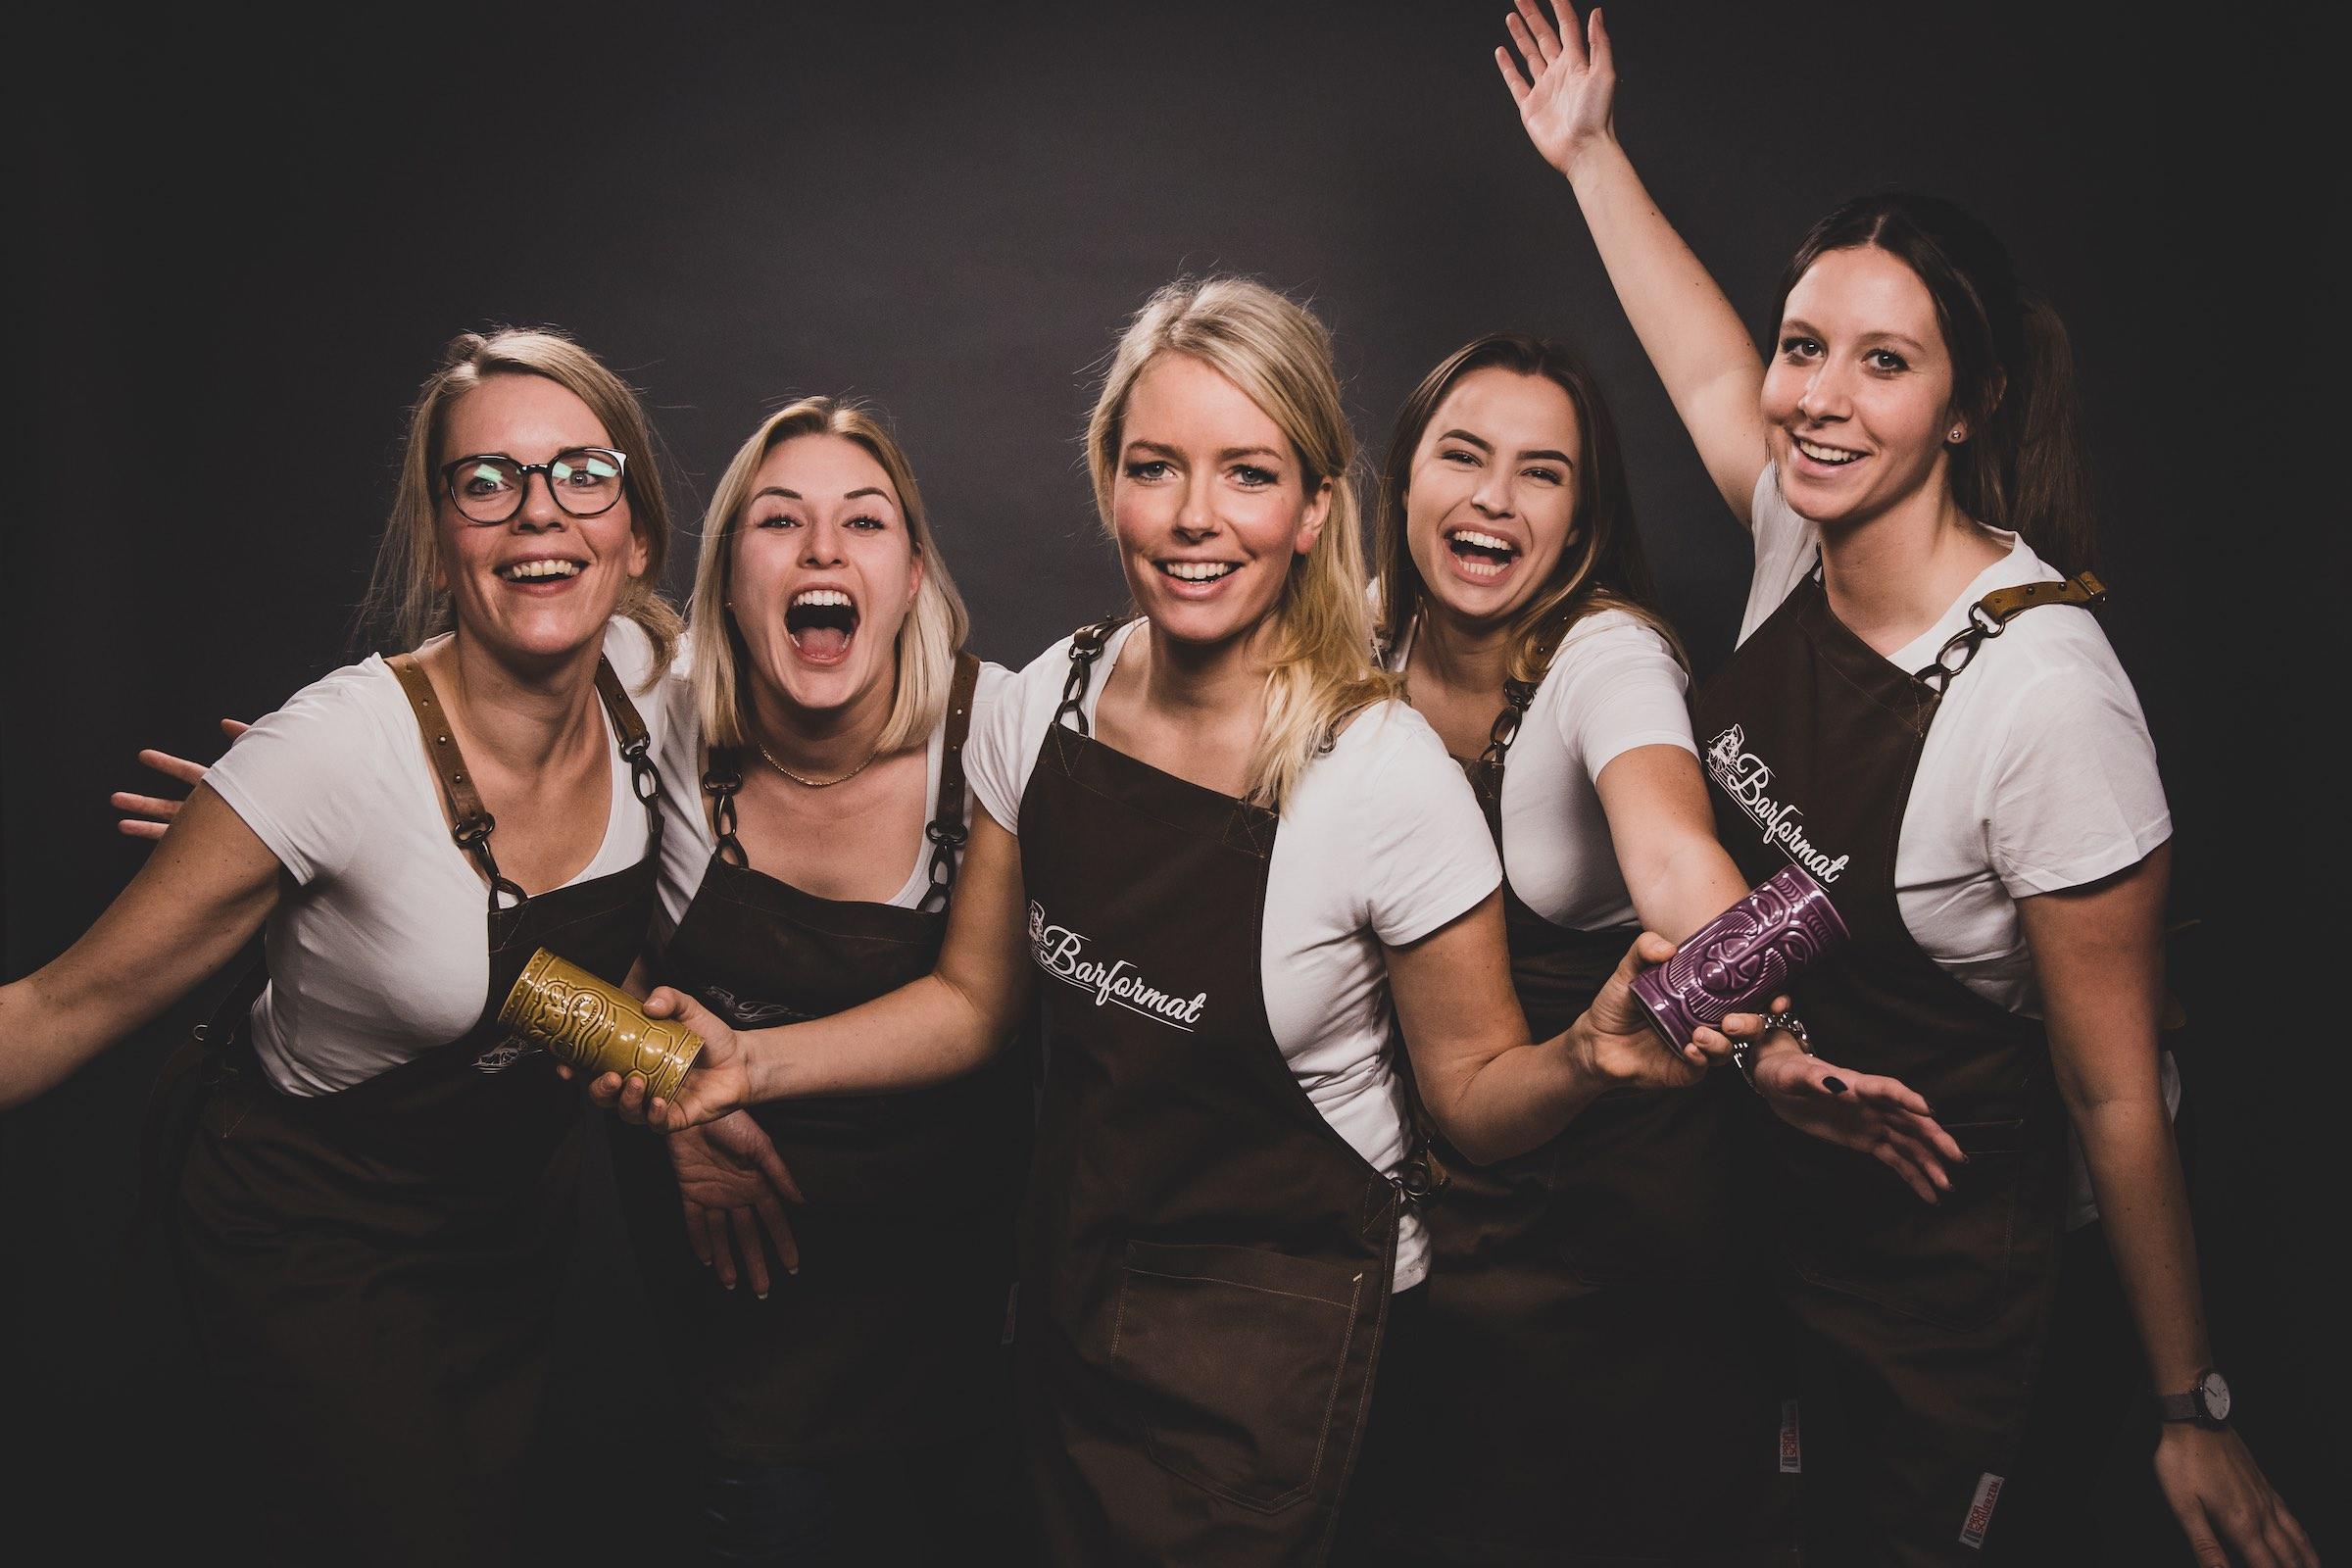 Mobile | Cocktailbar | Hochzeit | Sektempfang | Barkeeper | Kellner | Buchen | Mieten | Geburtstag | Ape | VW | Bar | Getränke | Catering | Foodtruck | Ginbar | Weinbar | Sektbar | Kaffeebar | Messe